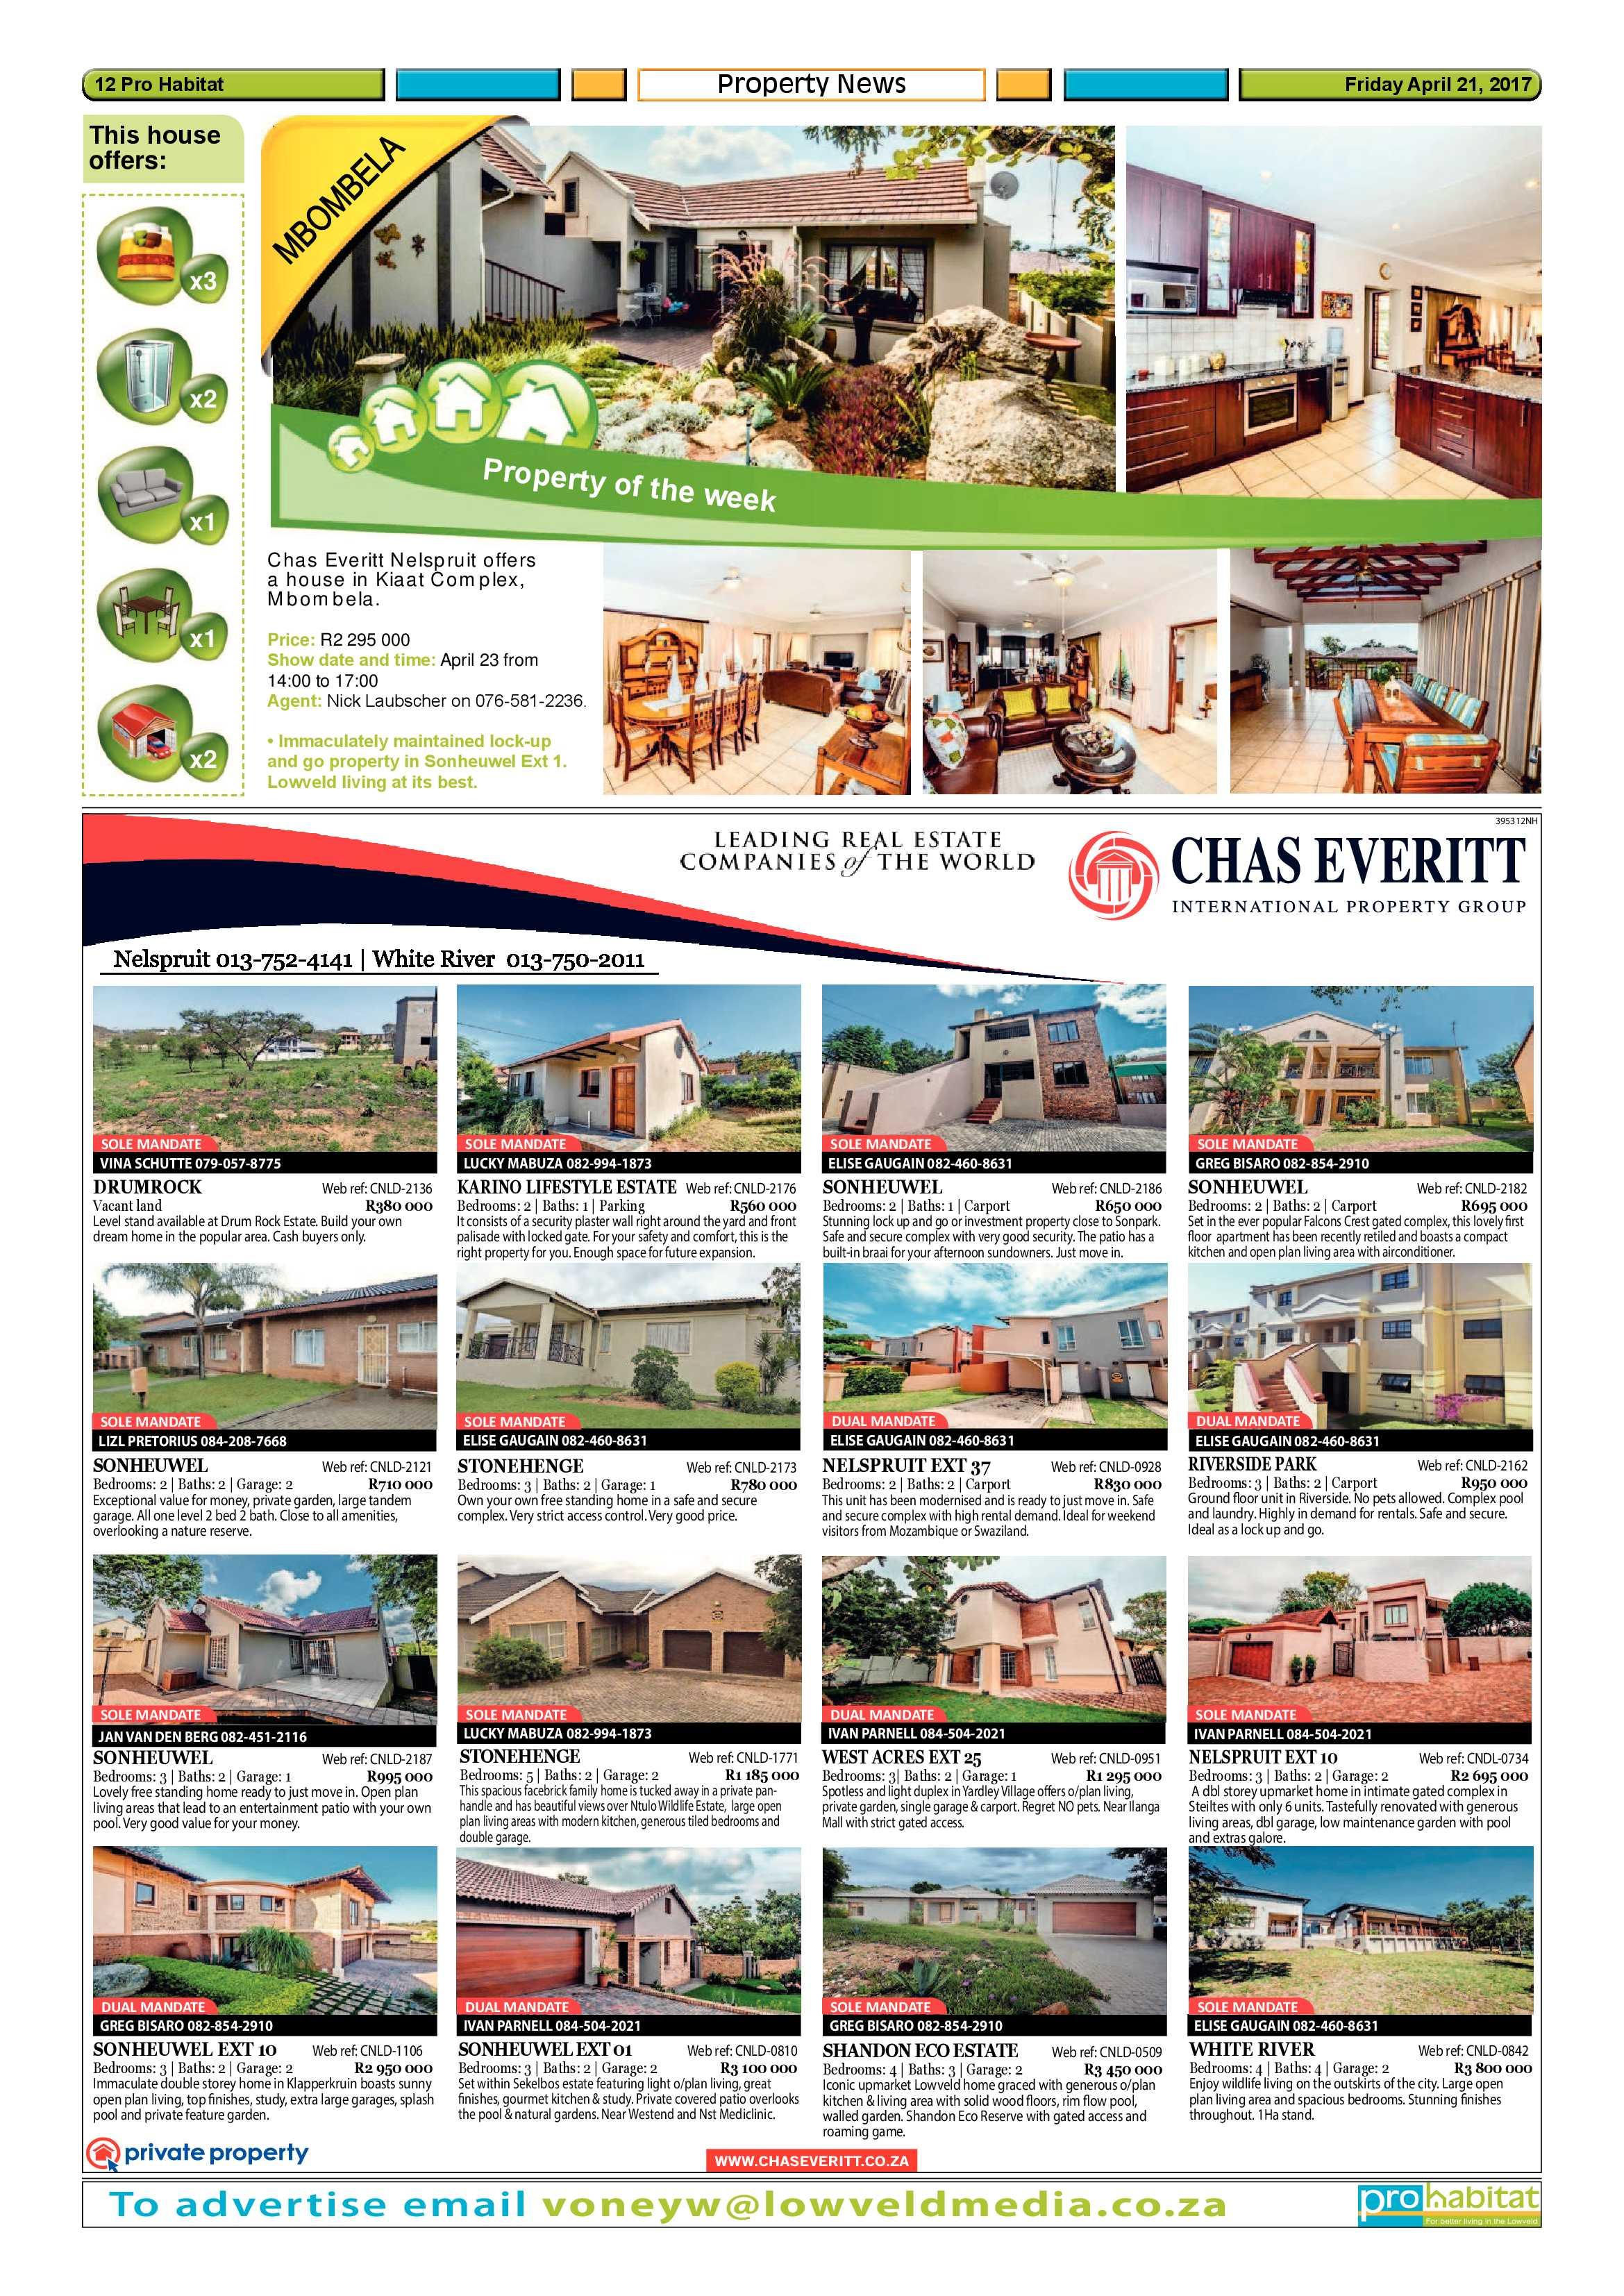 prohabitat-21-april-2017-epapers-page-12